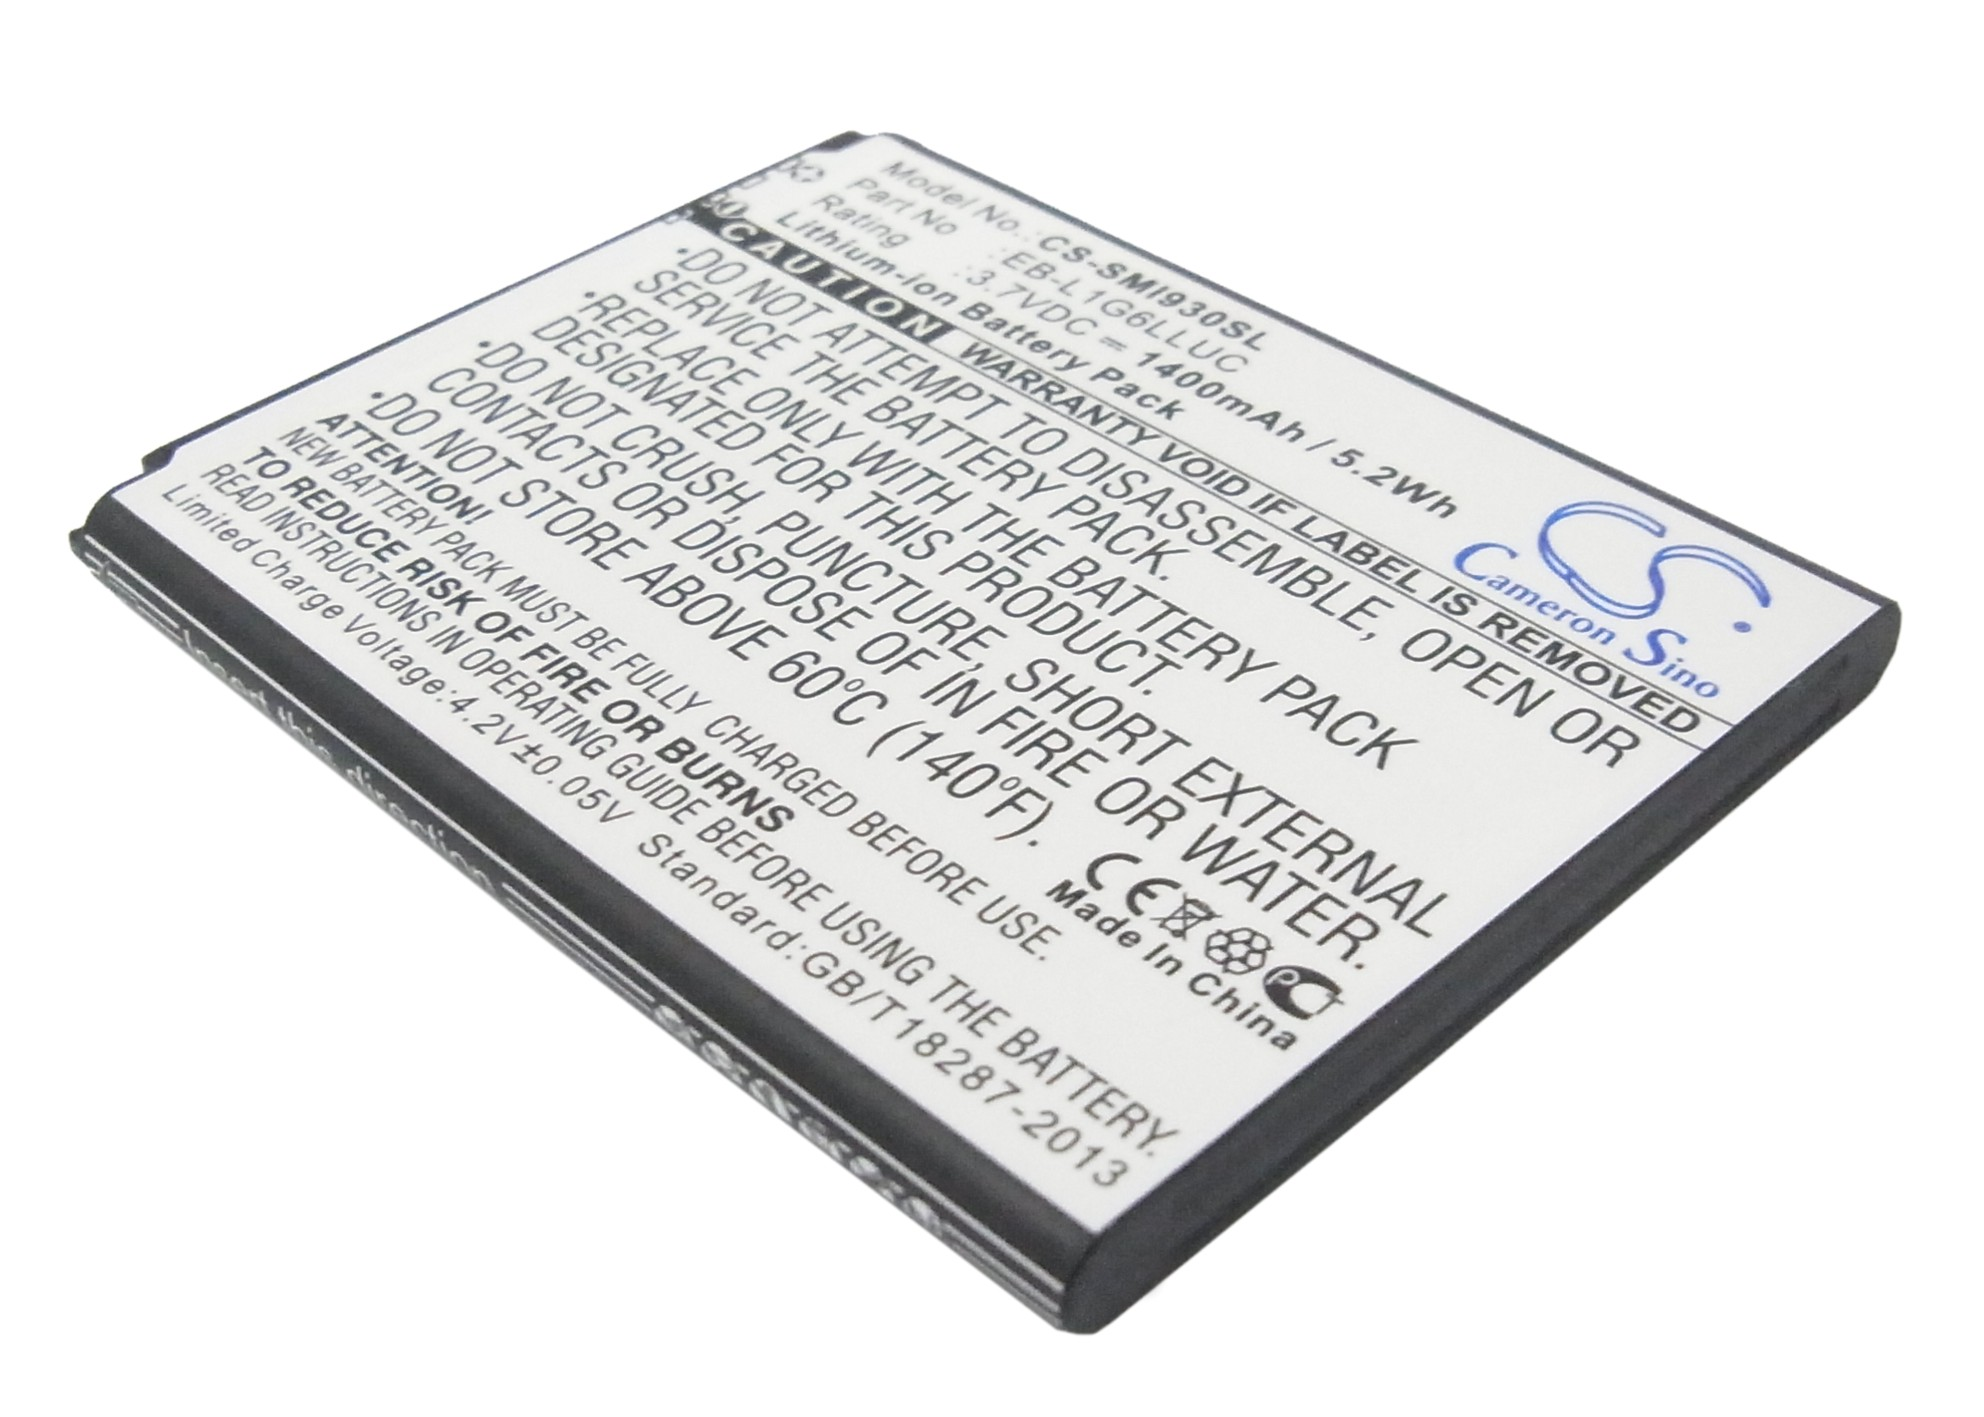 Cameron Sino baterie do mobilů pro SAMSUNG SCH-R530 3.7V Li-ion 1400mAh černá - neoriginální